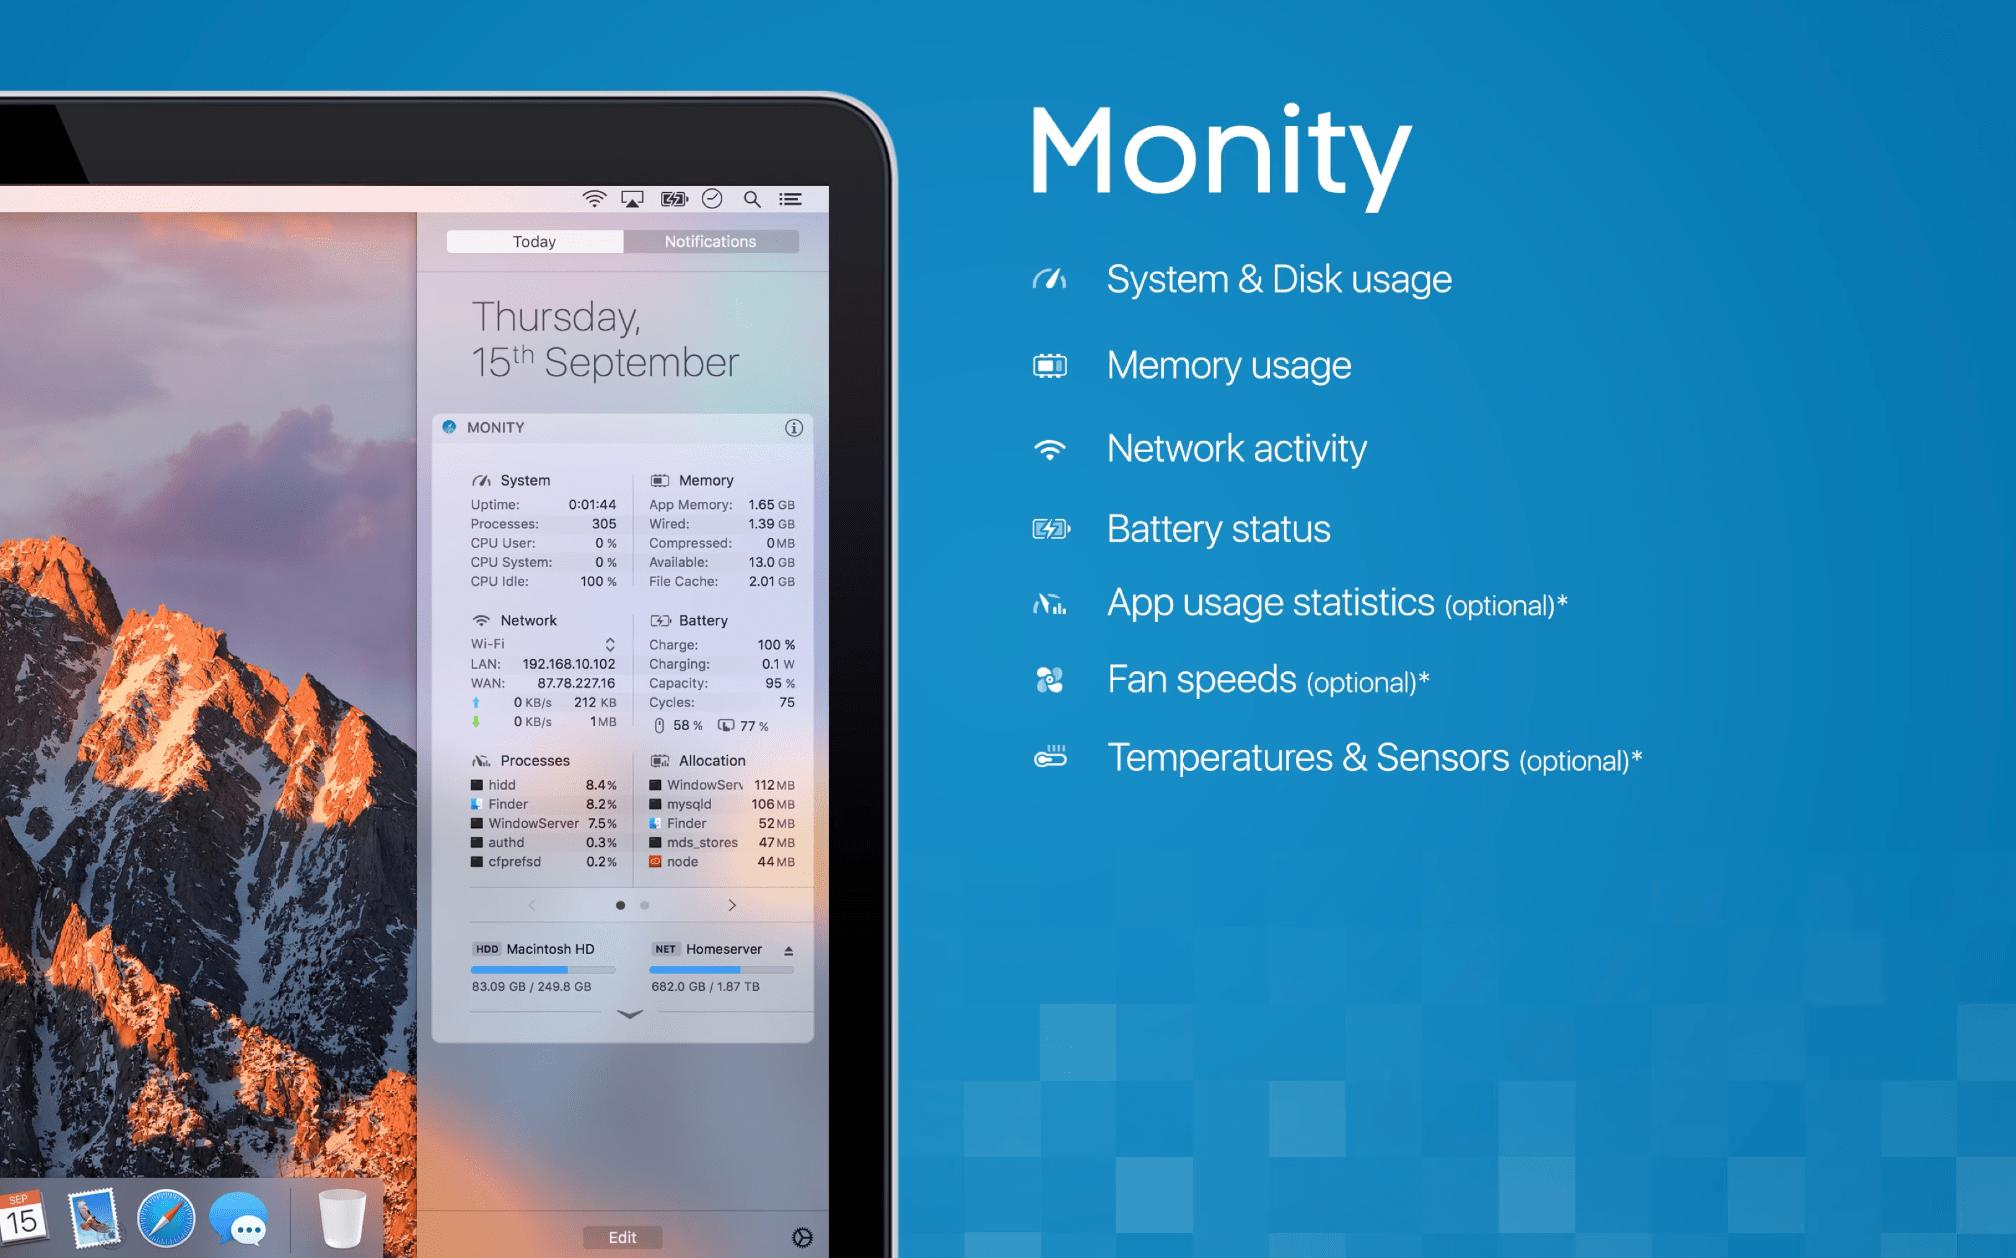 monity monitor